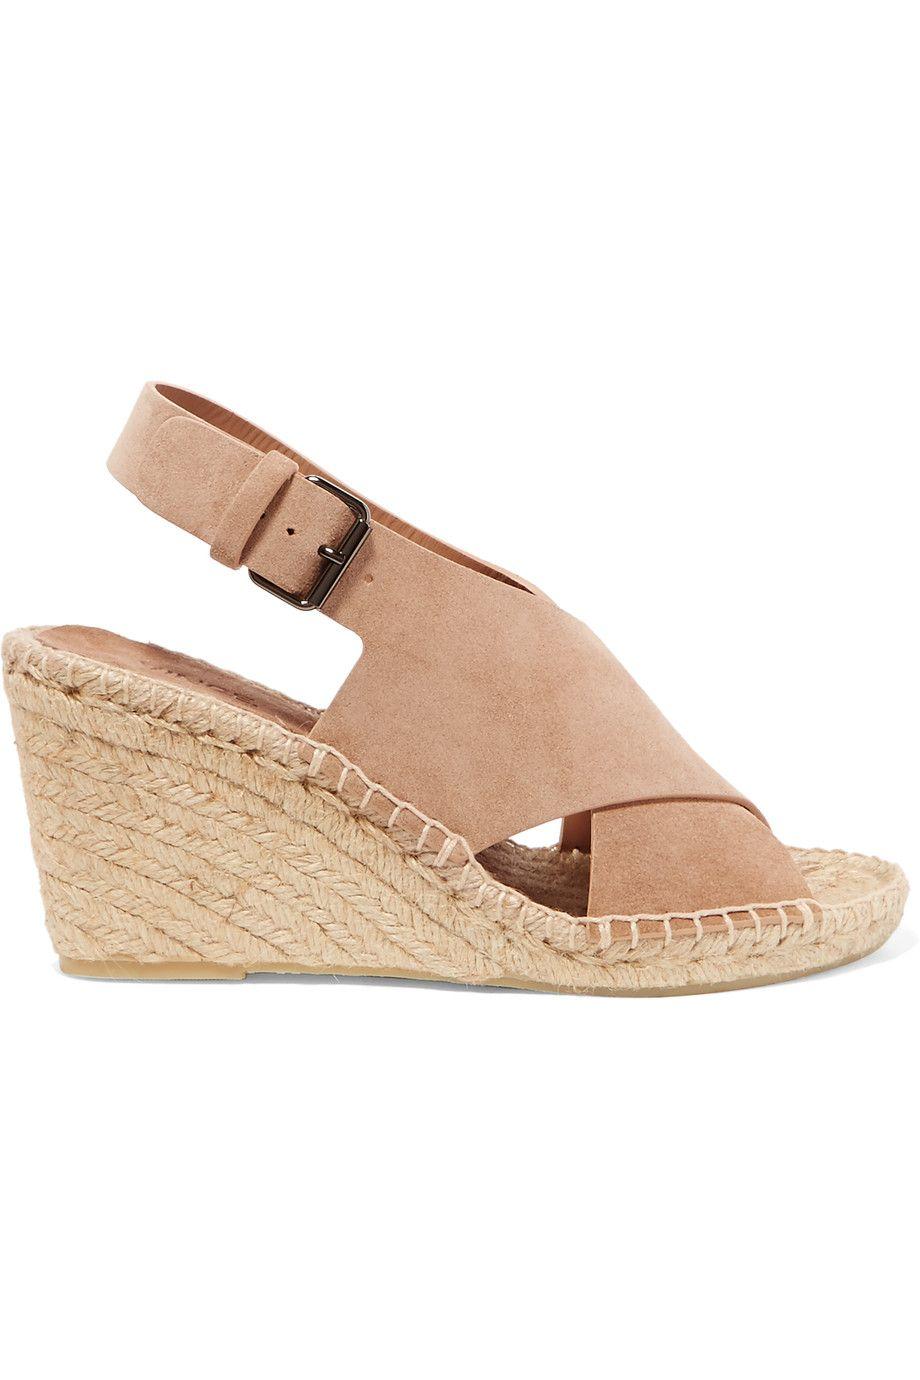 cb3a5e086f VINCE Sabrina Suede Espadrille Wedge Sandals. #vince #shoes #sandals ...